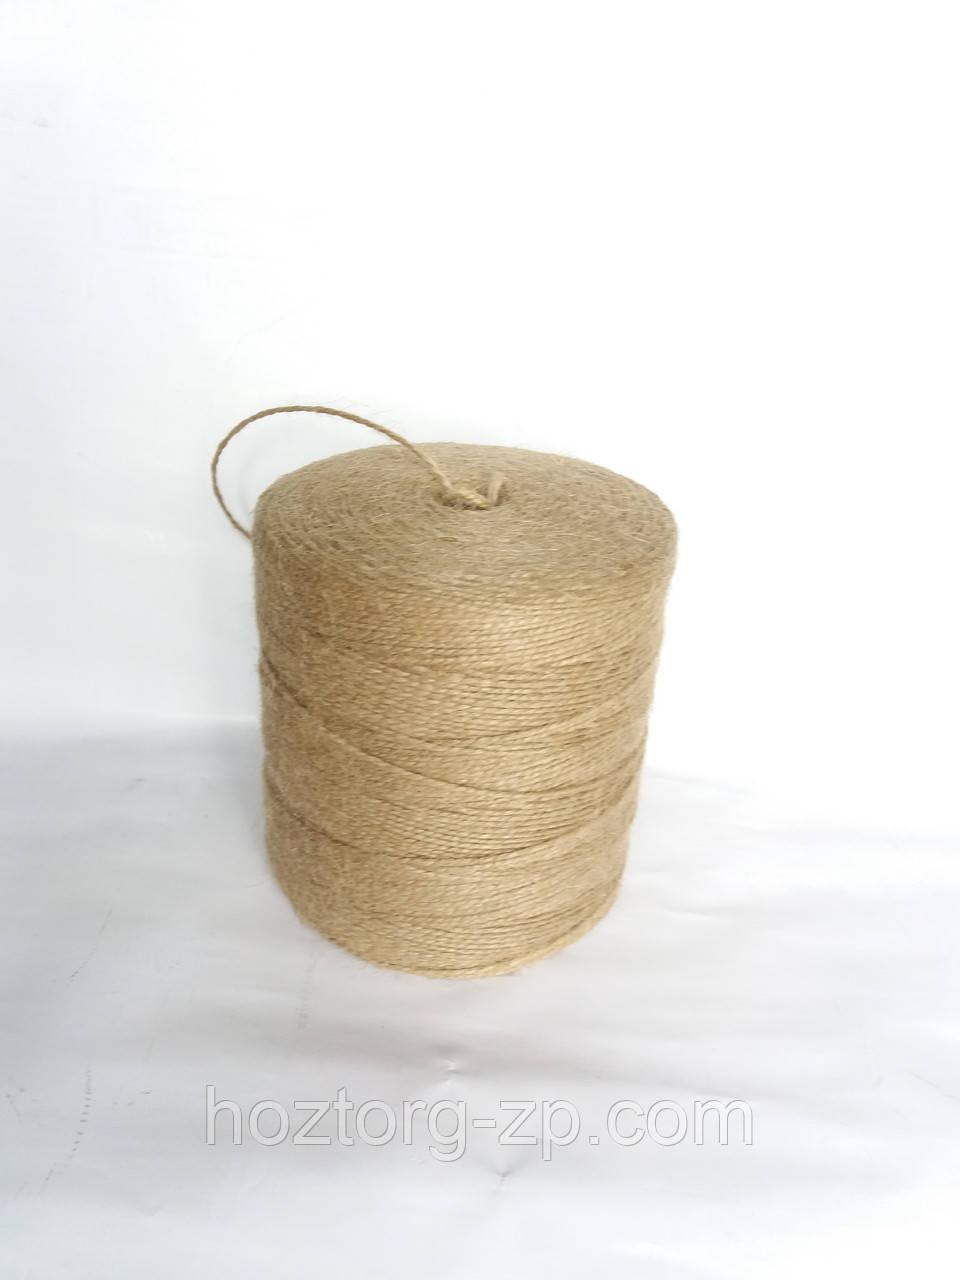 Шпагат джутовый для вязания 1,5 мм